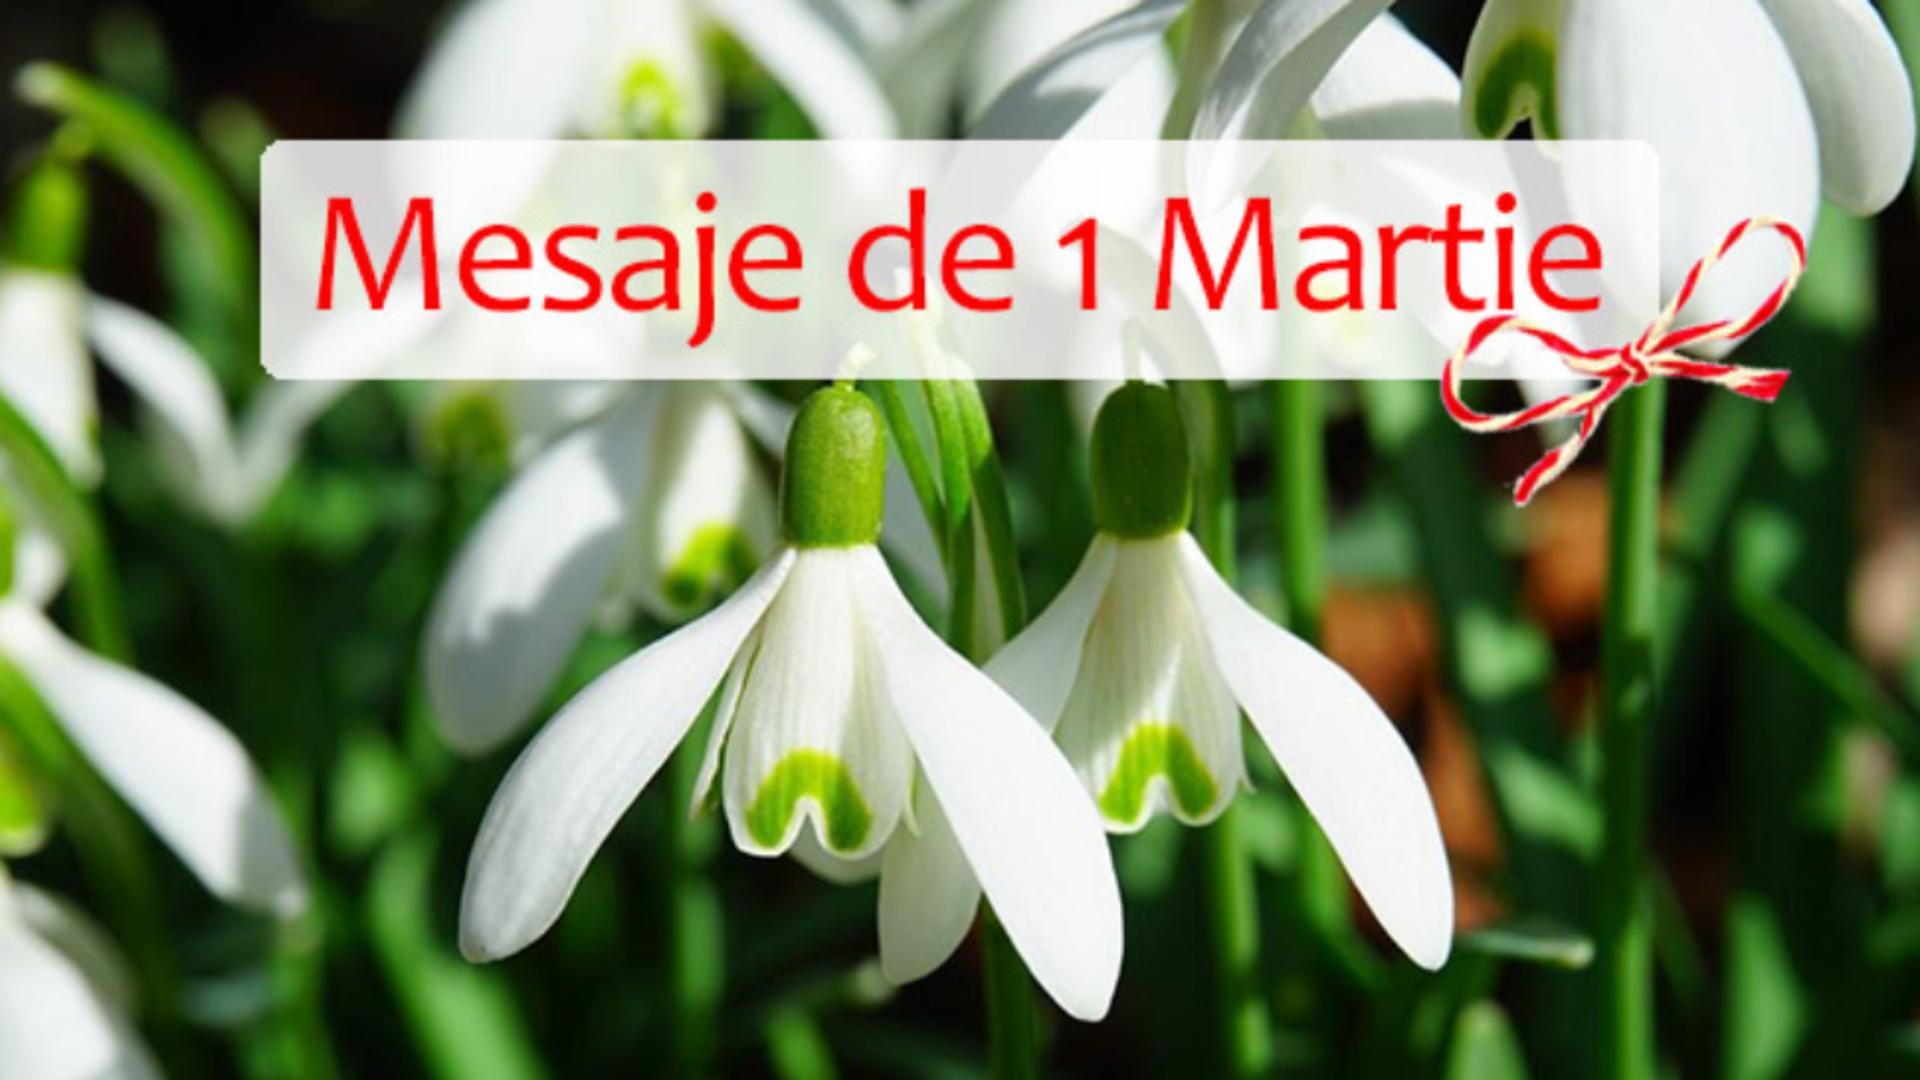 MĂRȚIȘOR 2021. Mesaje de 1 Martie